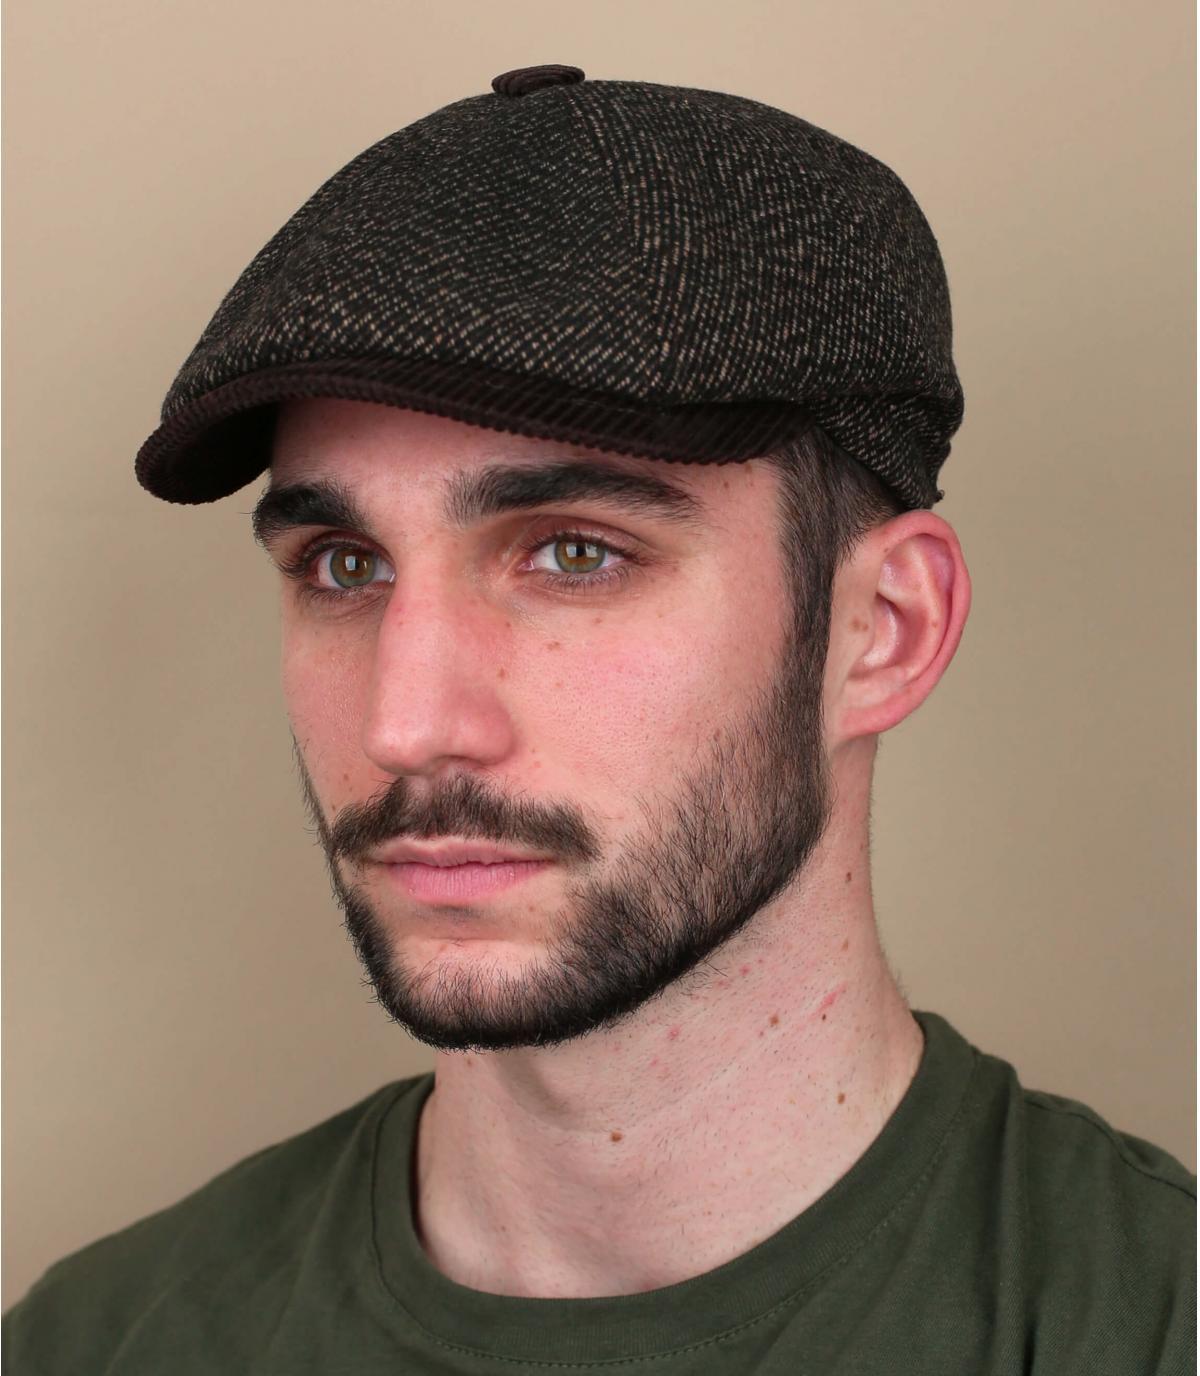 Herman bruine krantenverkoper baret